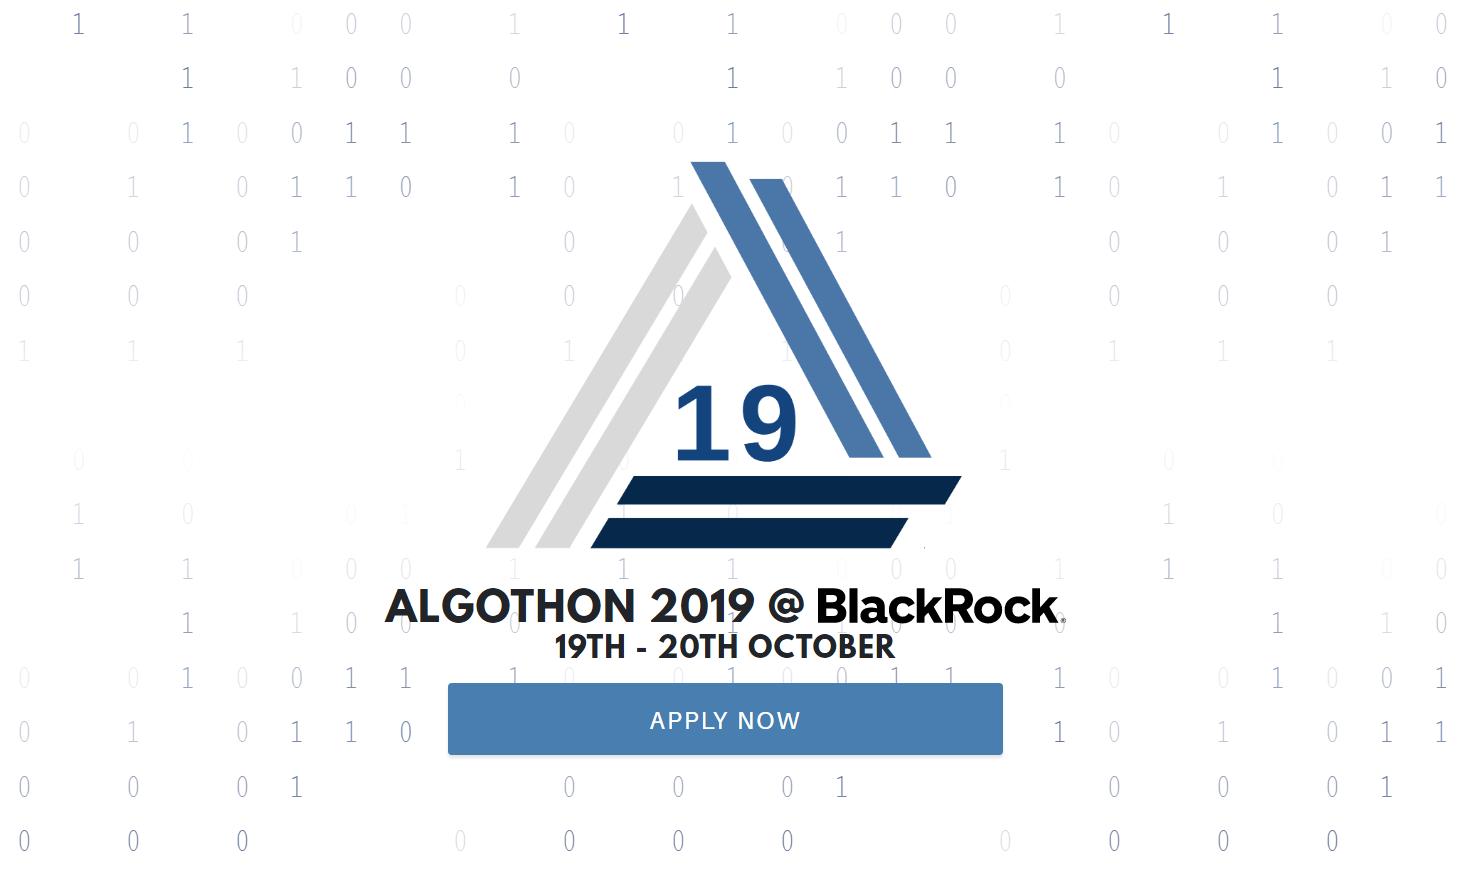 algothon 2019